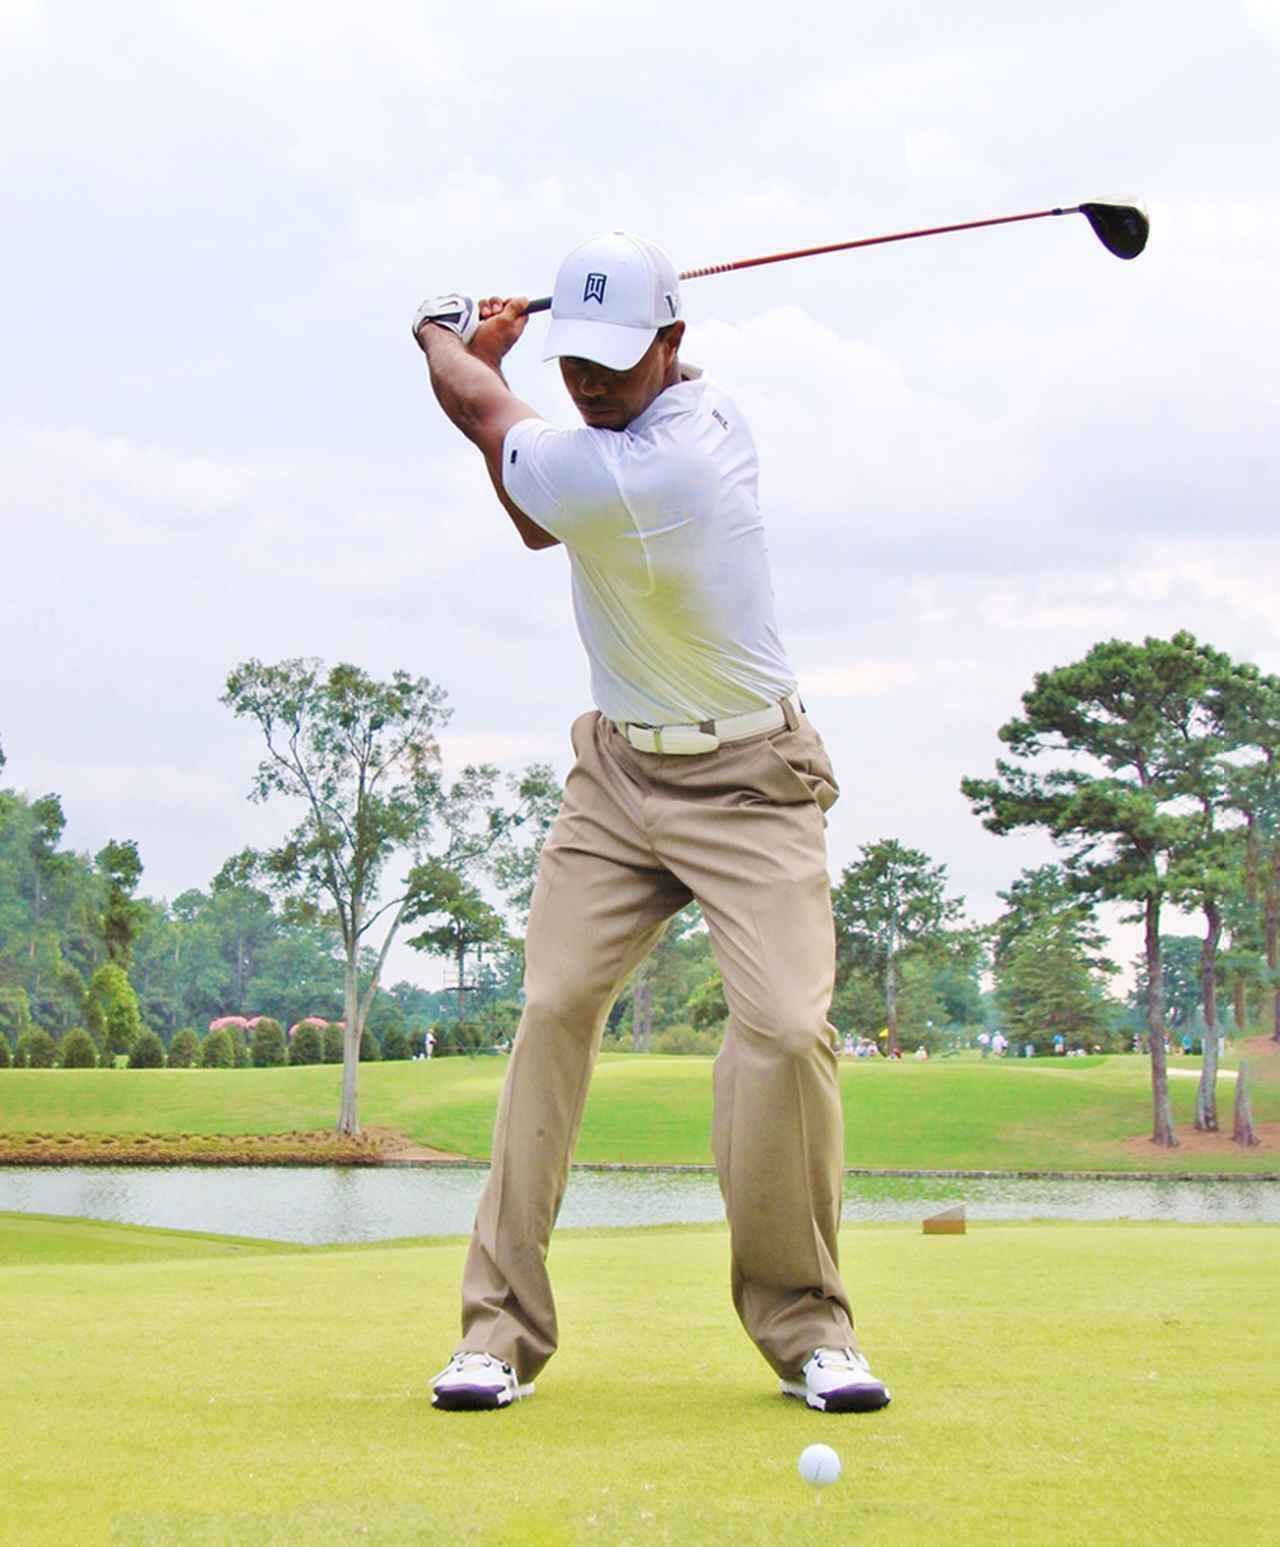 画像13: 【平成スウィング変遷史②】タイガー・ウッズが切り開いたパワーゴルフの時代